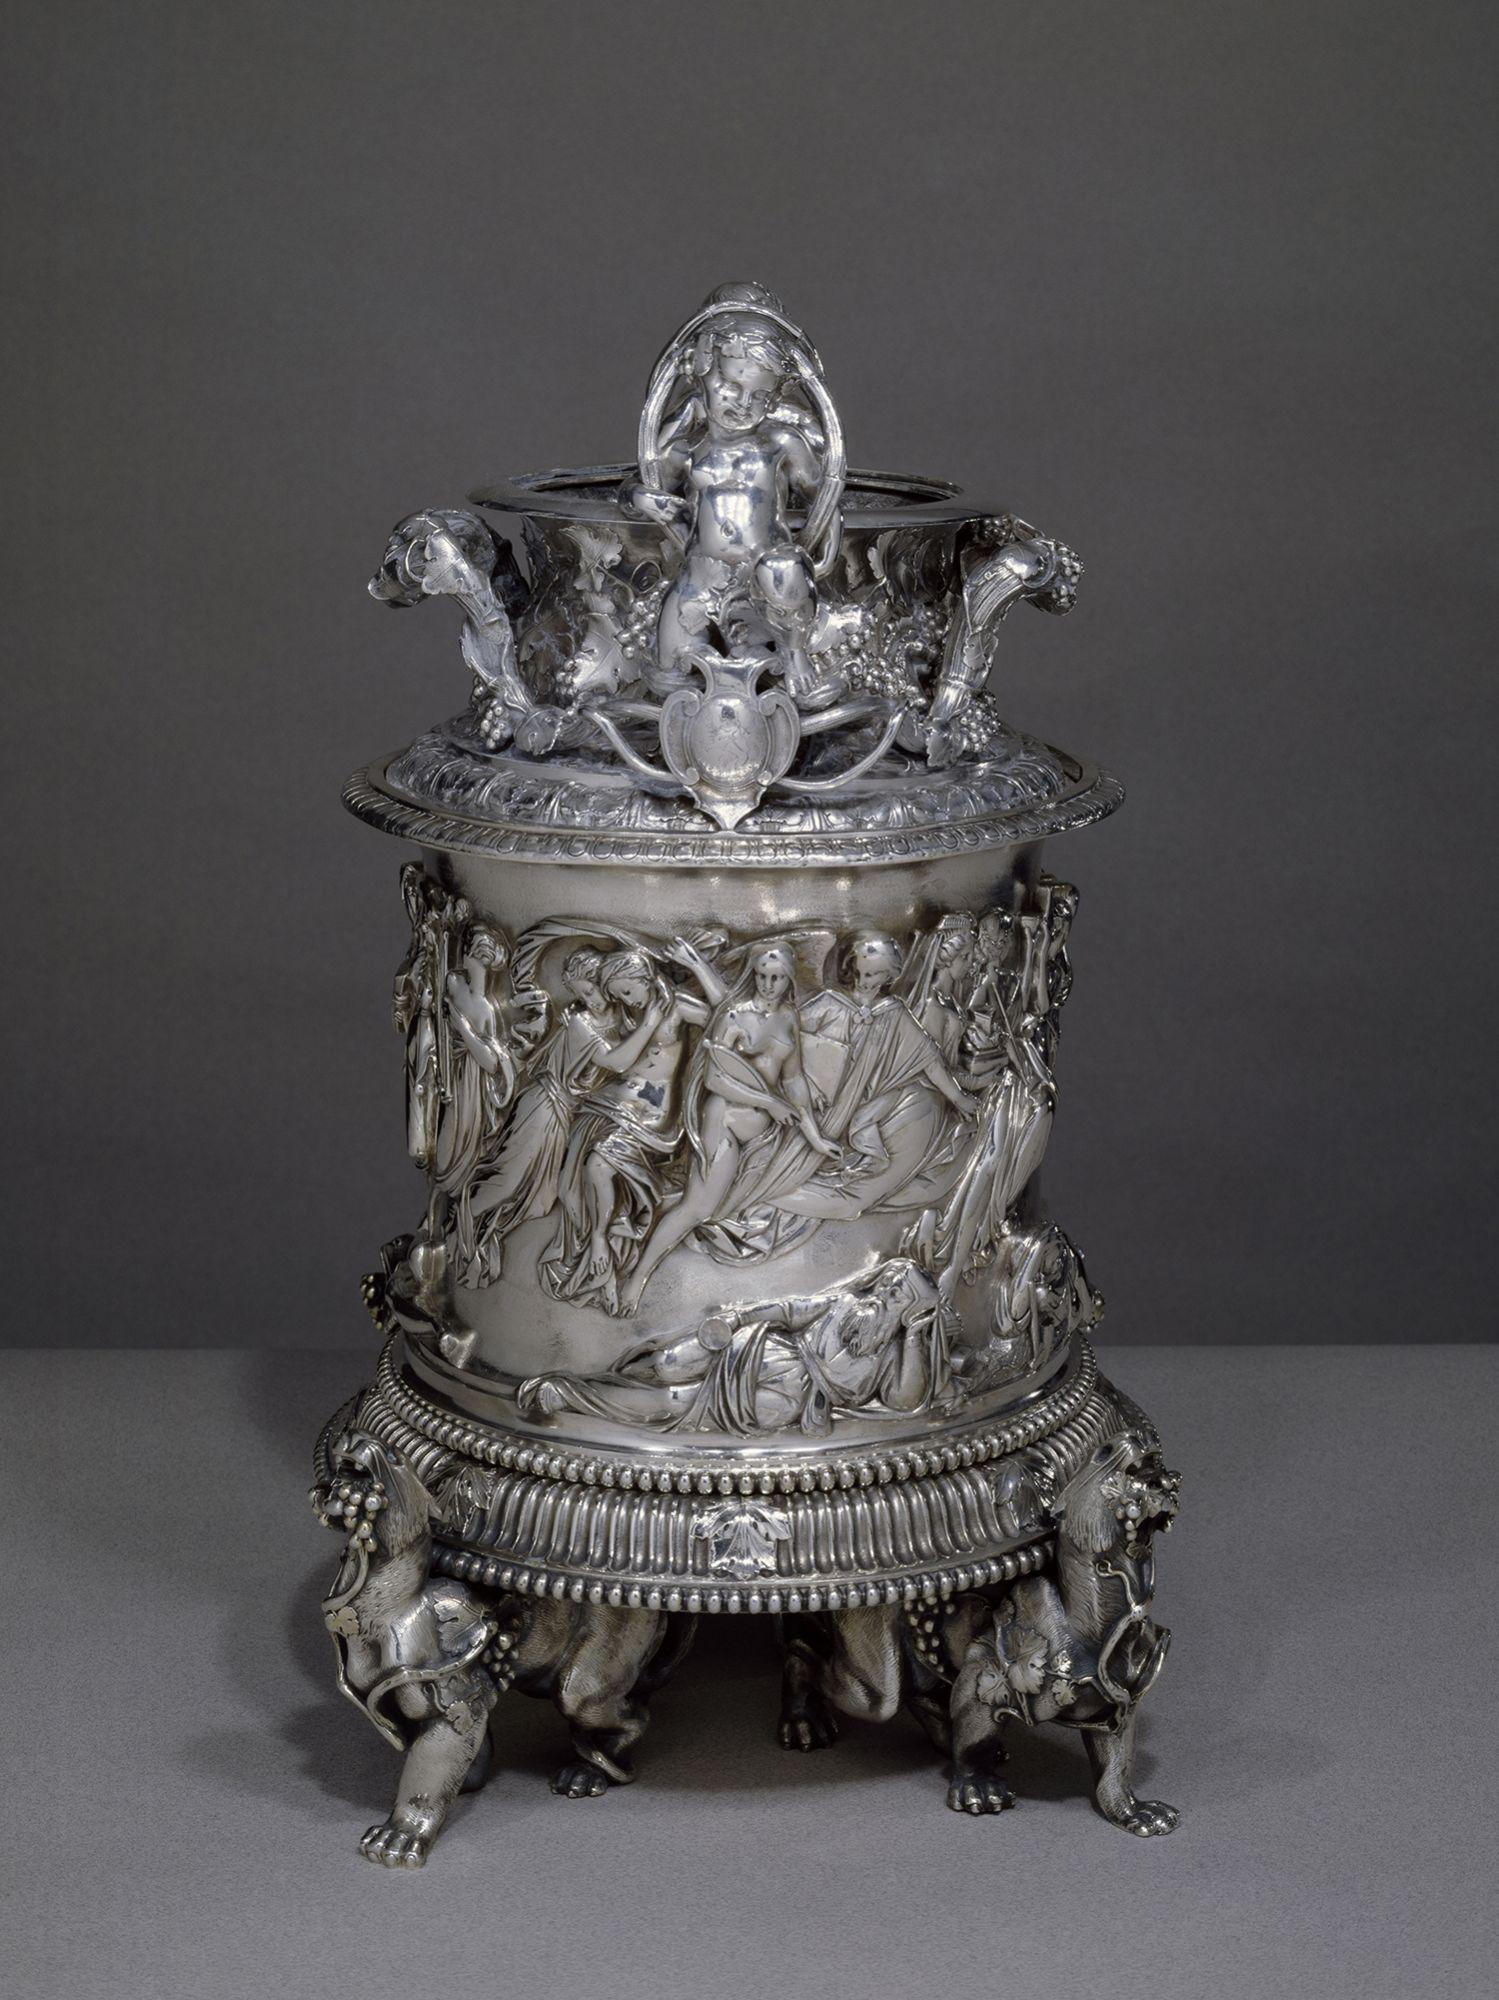 醉飲之夢銀質冰桶,約1844年打造 by Chaumet。